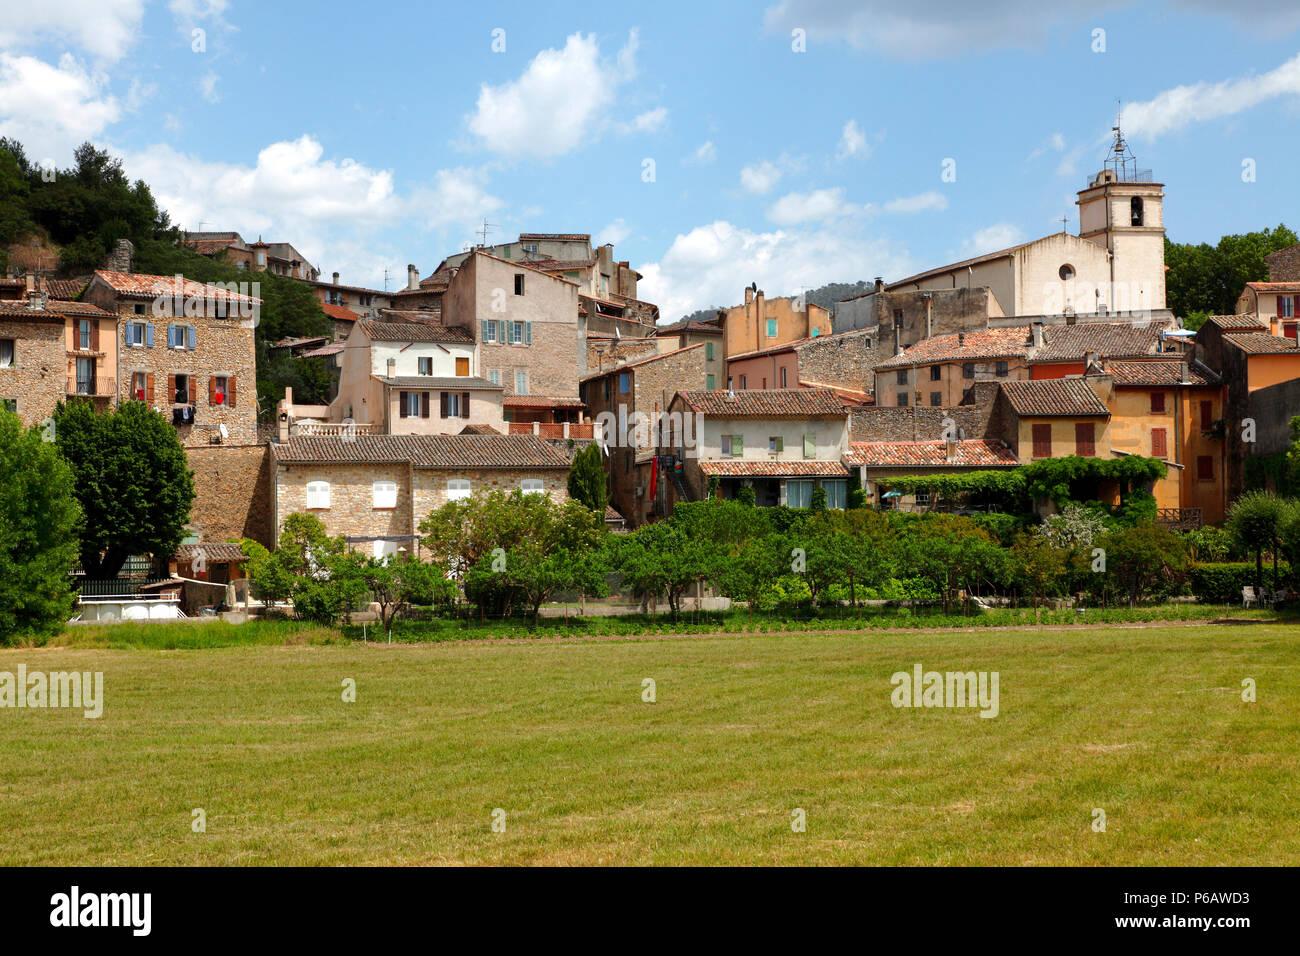 France, Provence Alpes Cote d'Azur, department of Var (83), Bras village (Saint Maximin la sainte Baume area) - Stock Image